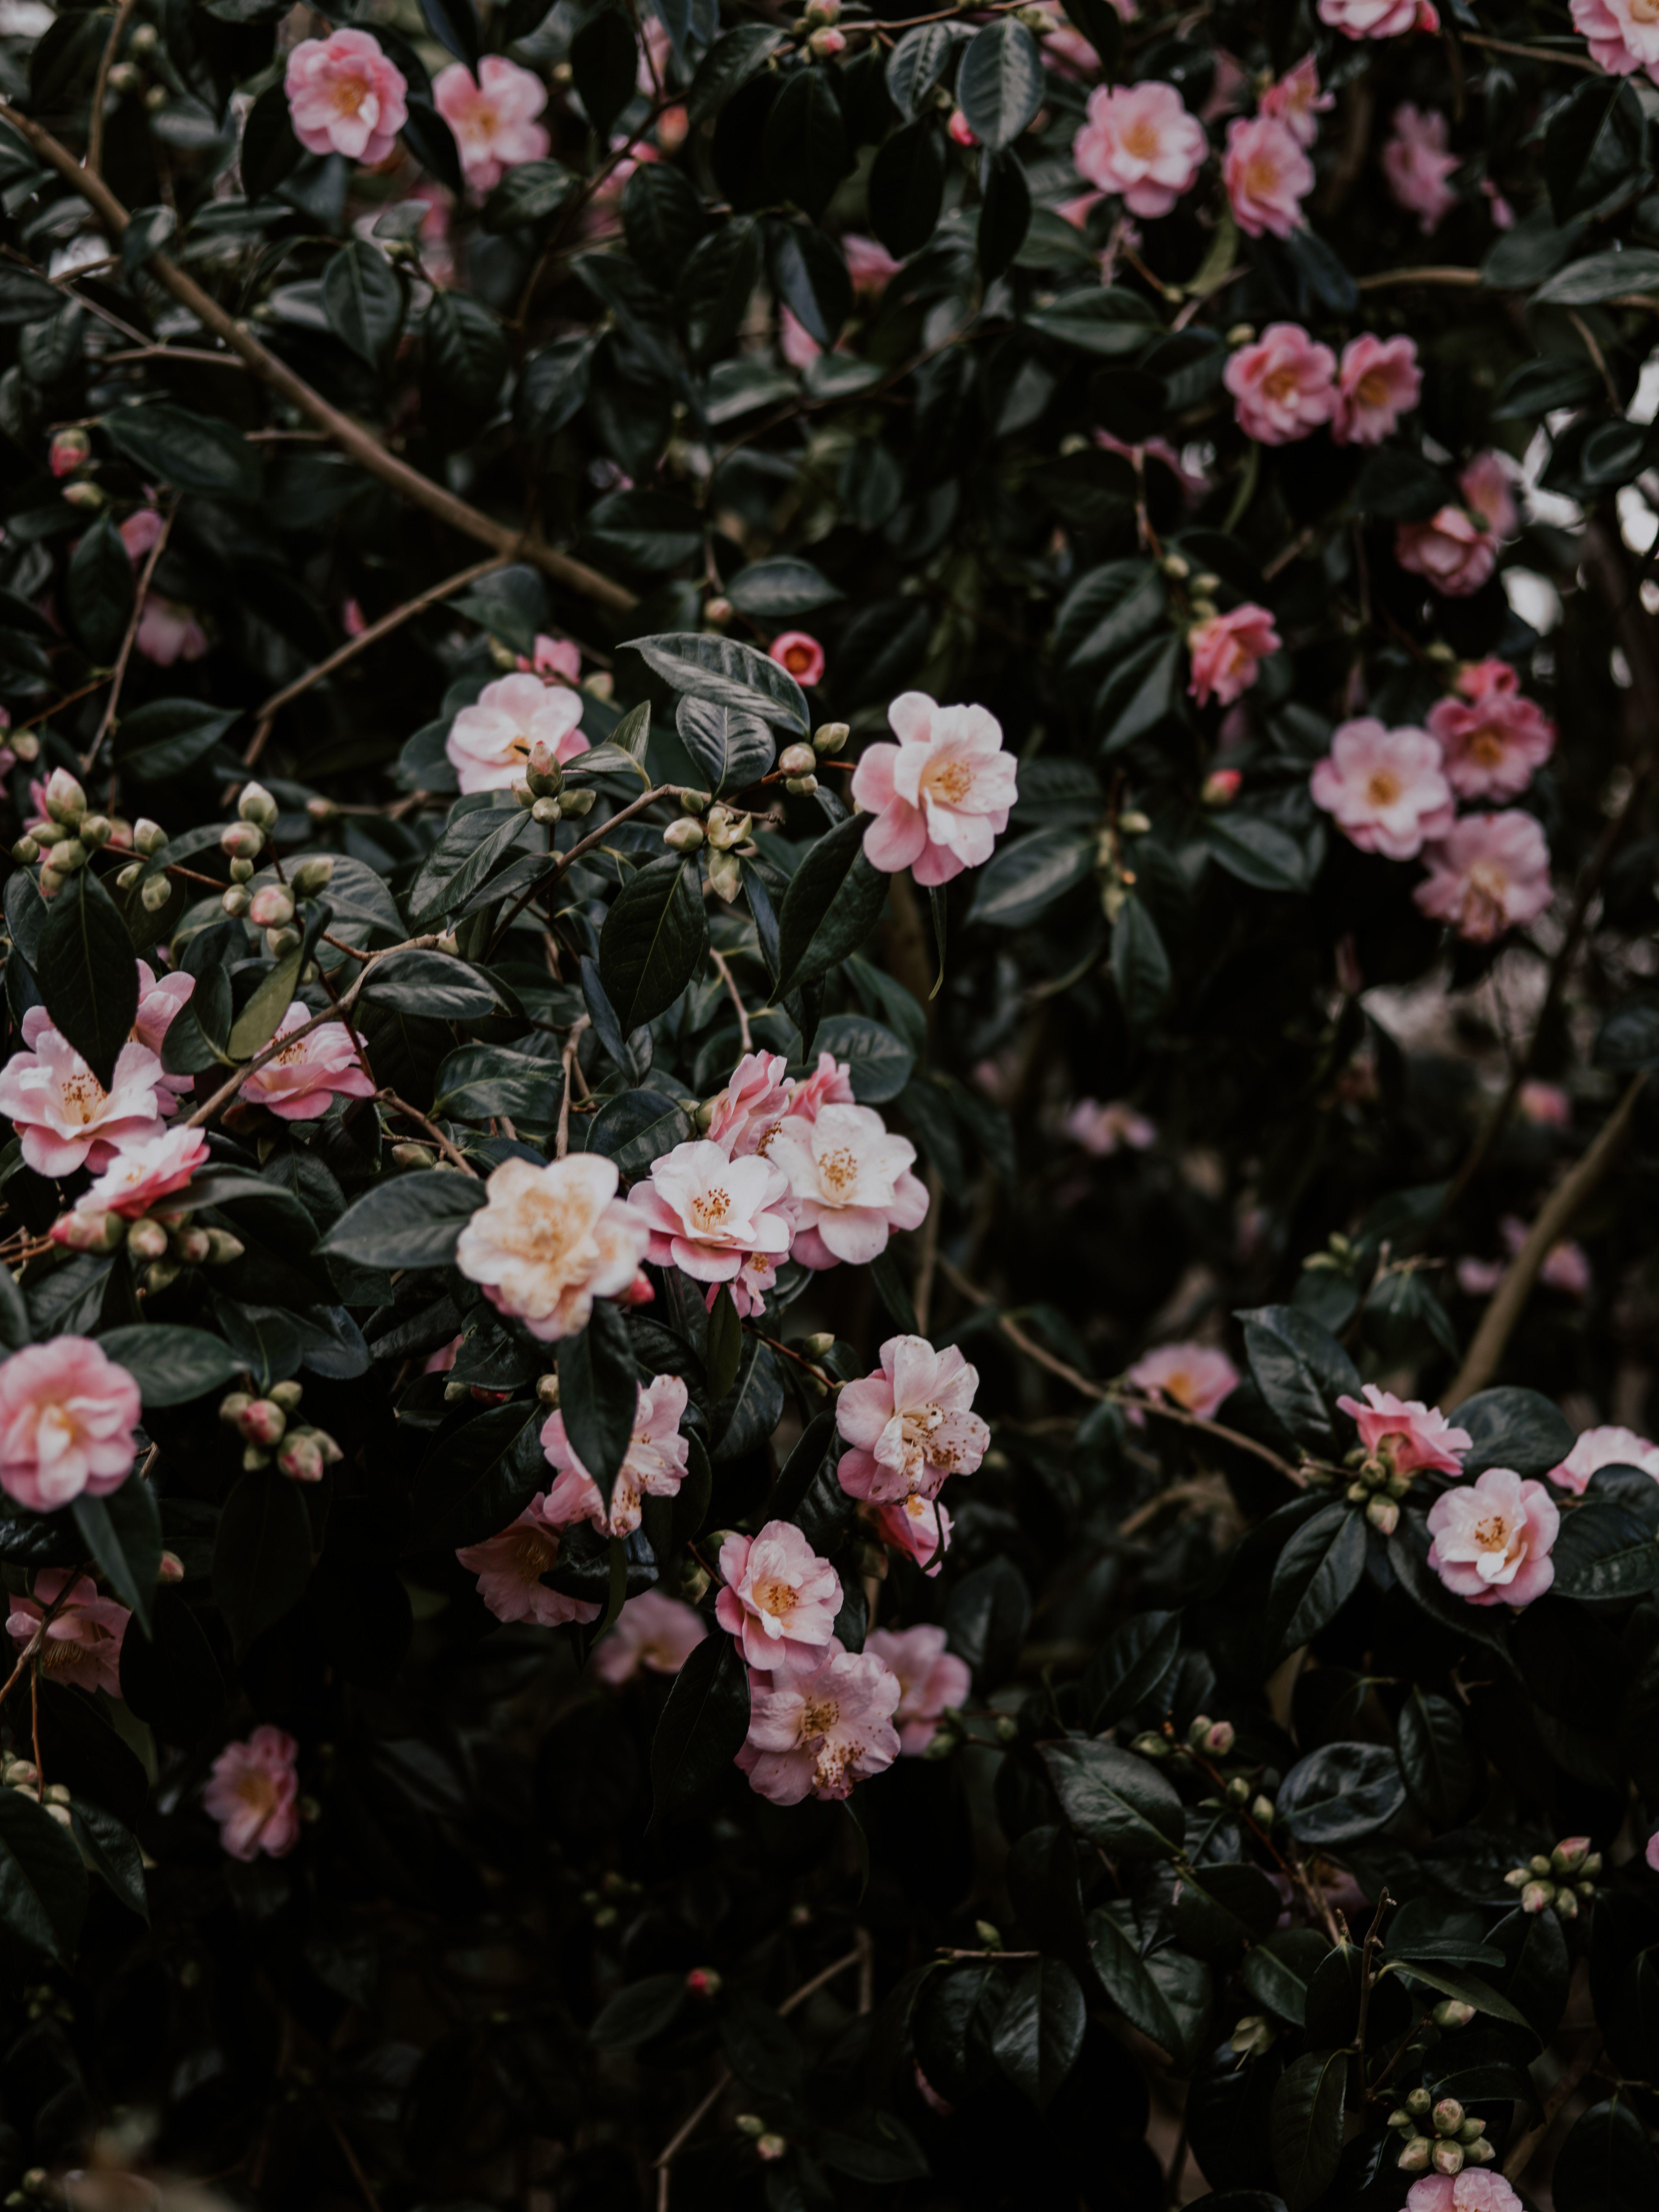 Wallpapers Rose Family Flower Japanese Camellia Petal Flowering Plant Planting Flowers Family Flowers Plant Wallpaper